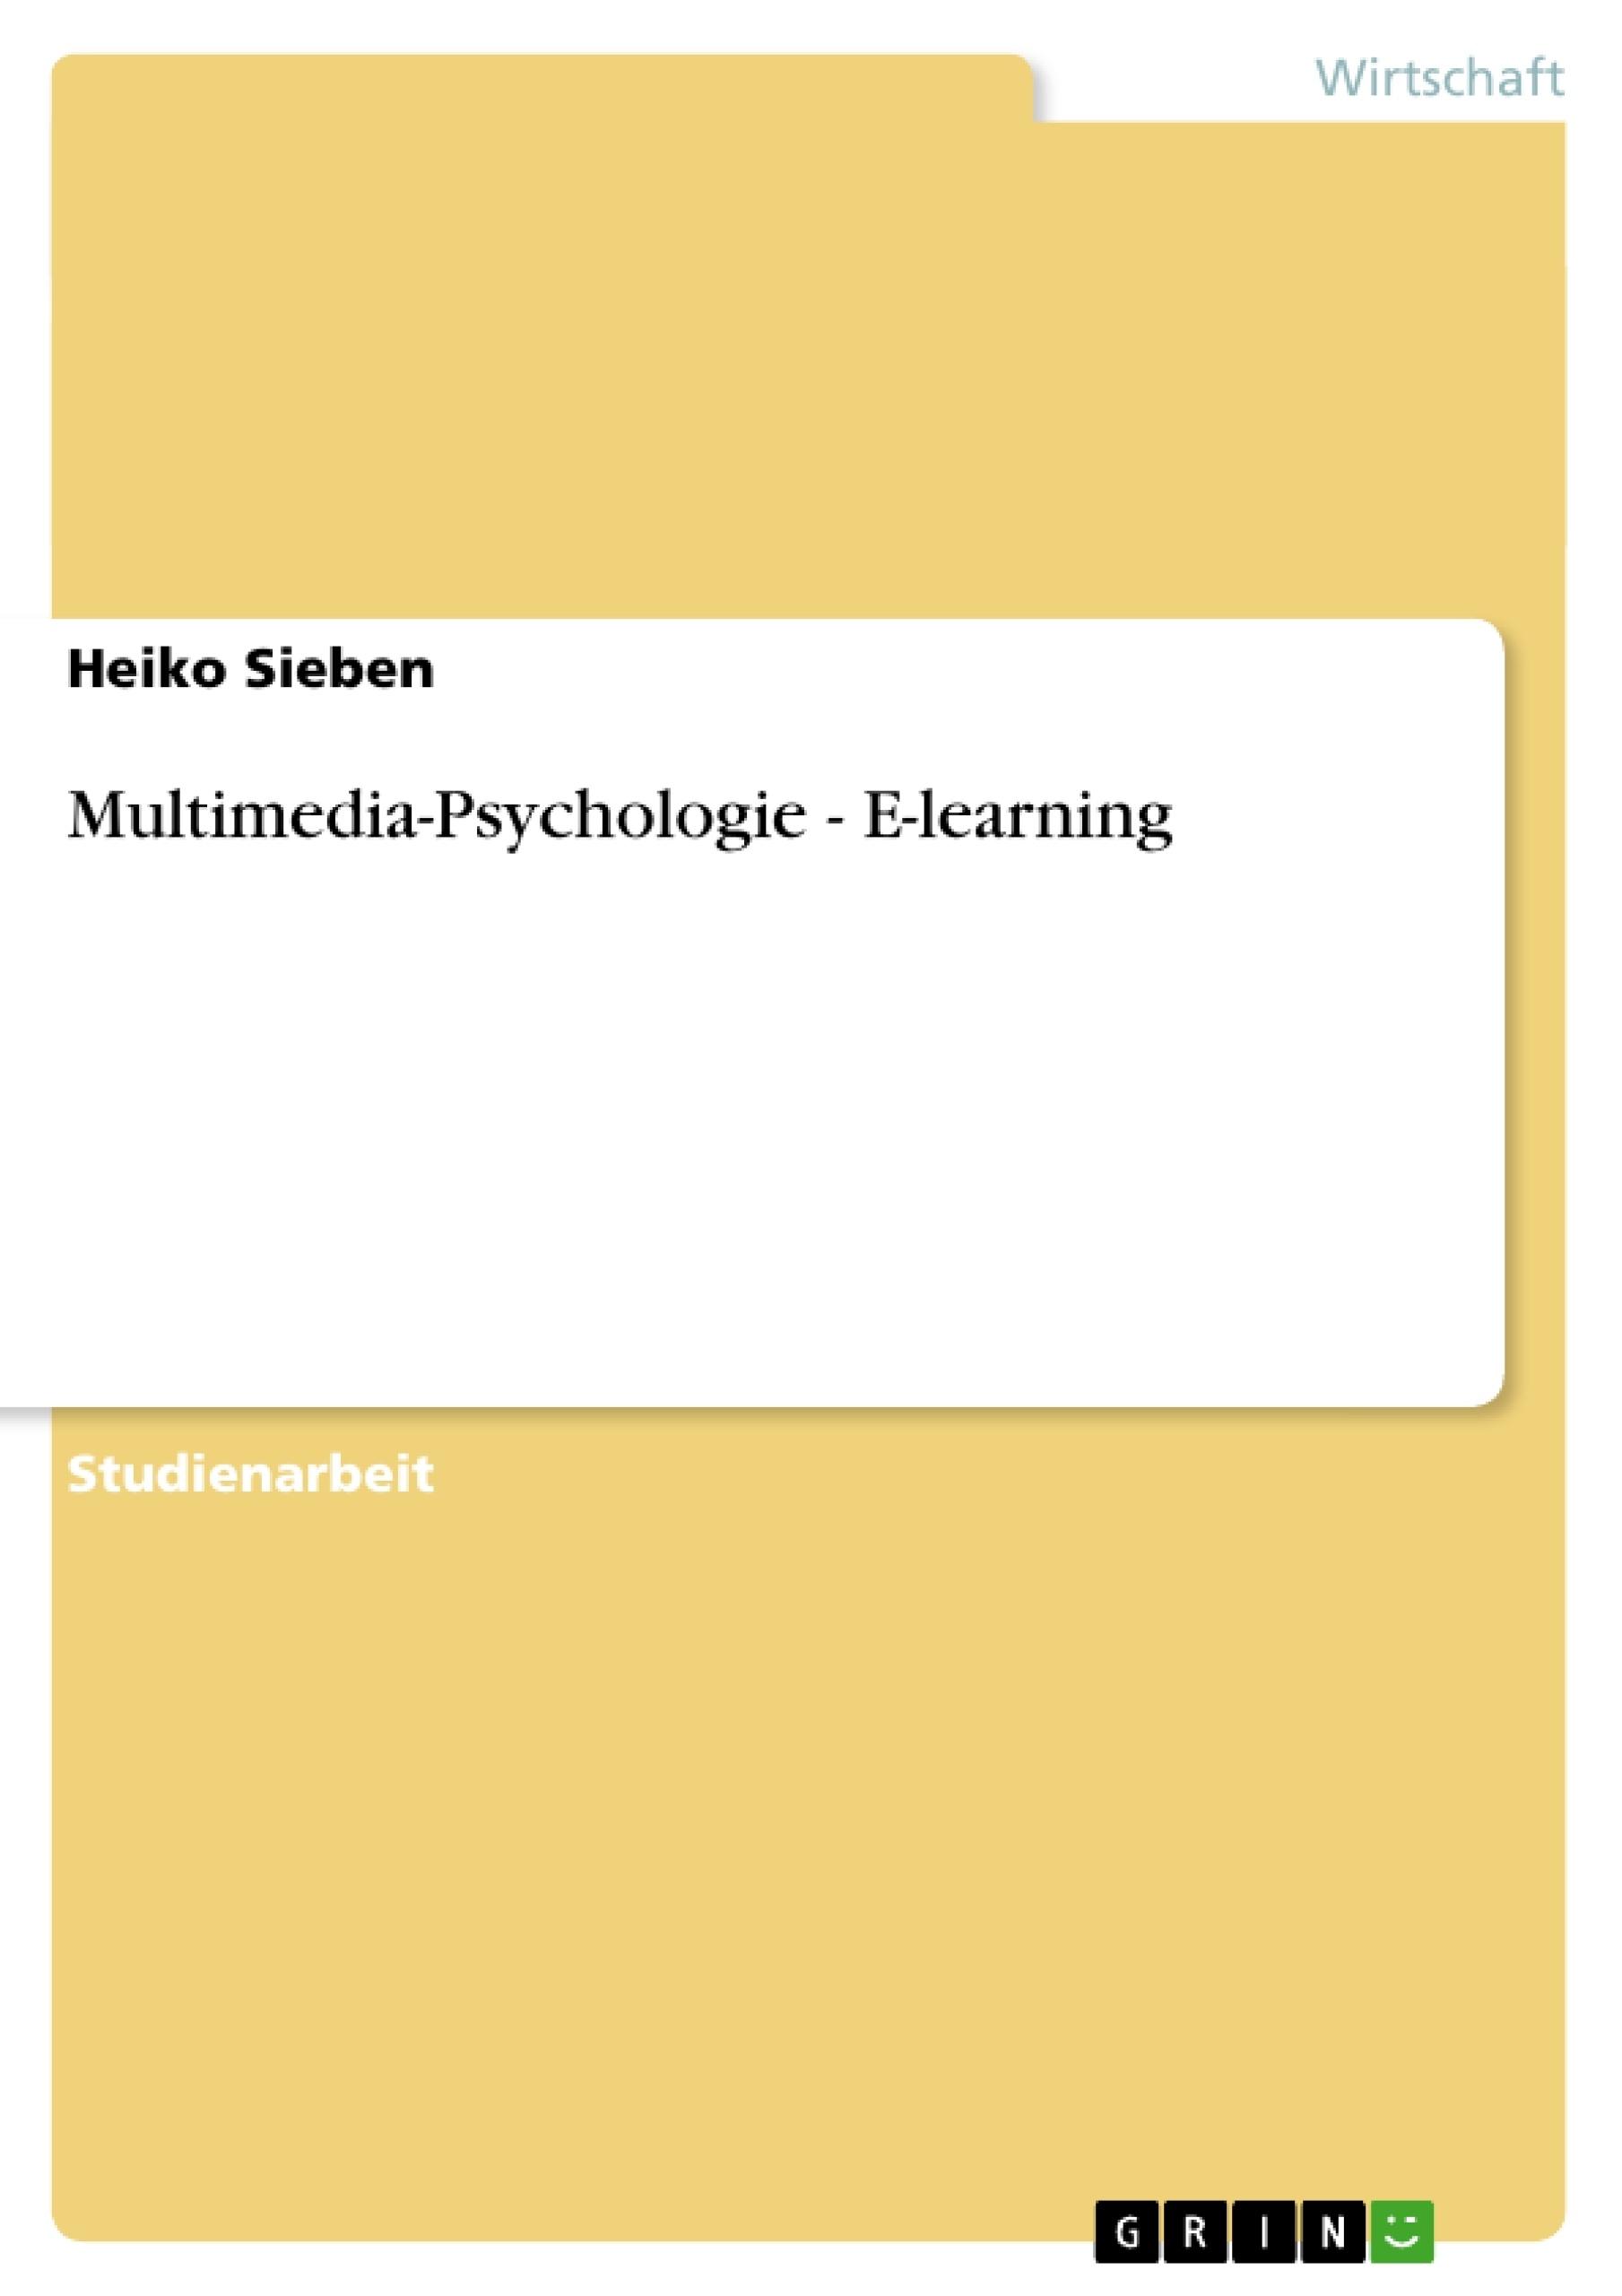 Titel: Multimedia-Psychologie - E-learning